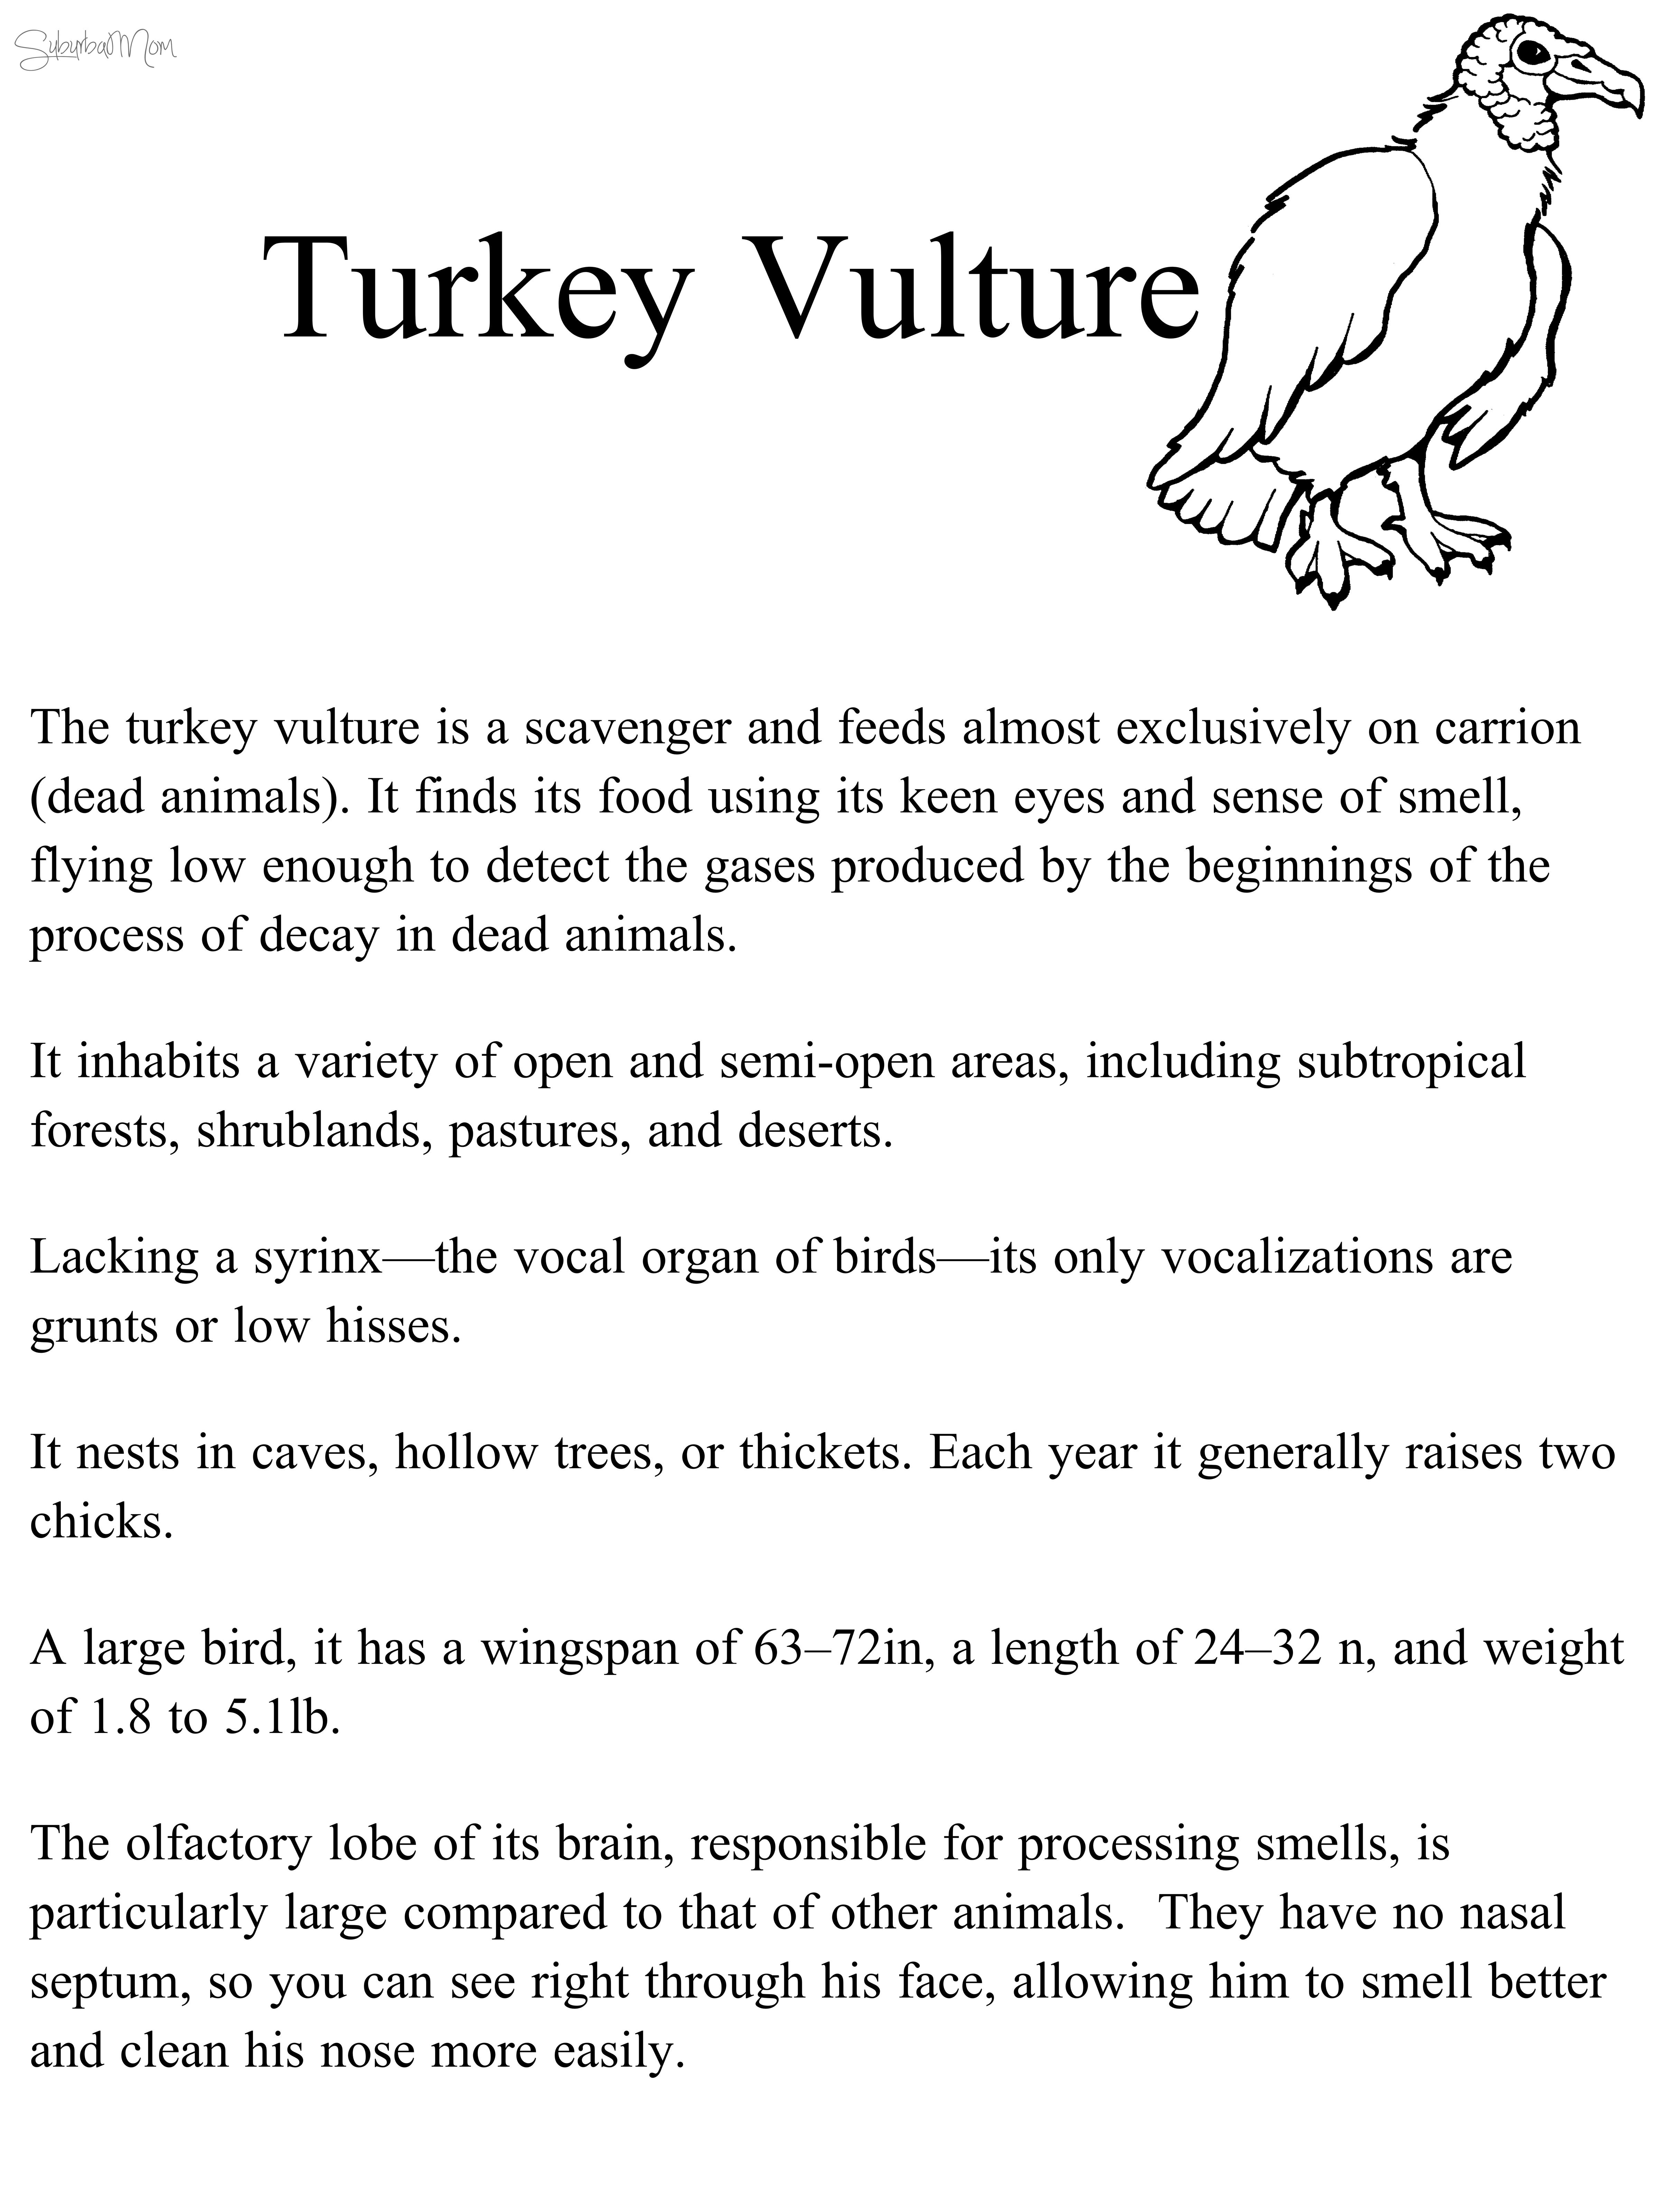 TurkeyVultureInfo_c